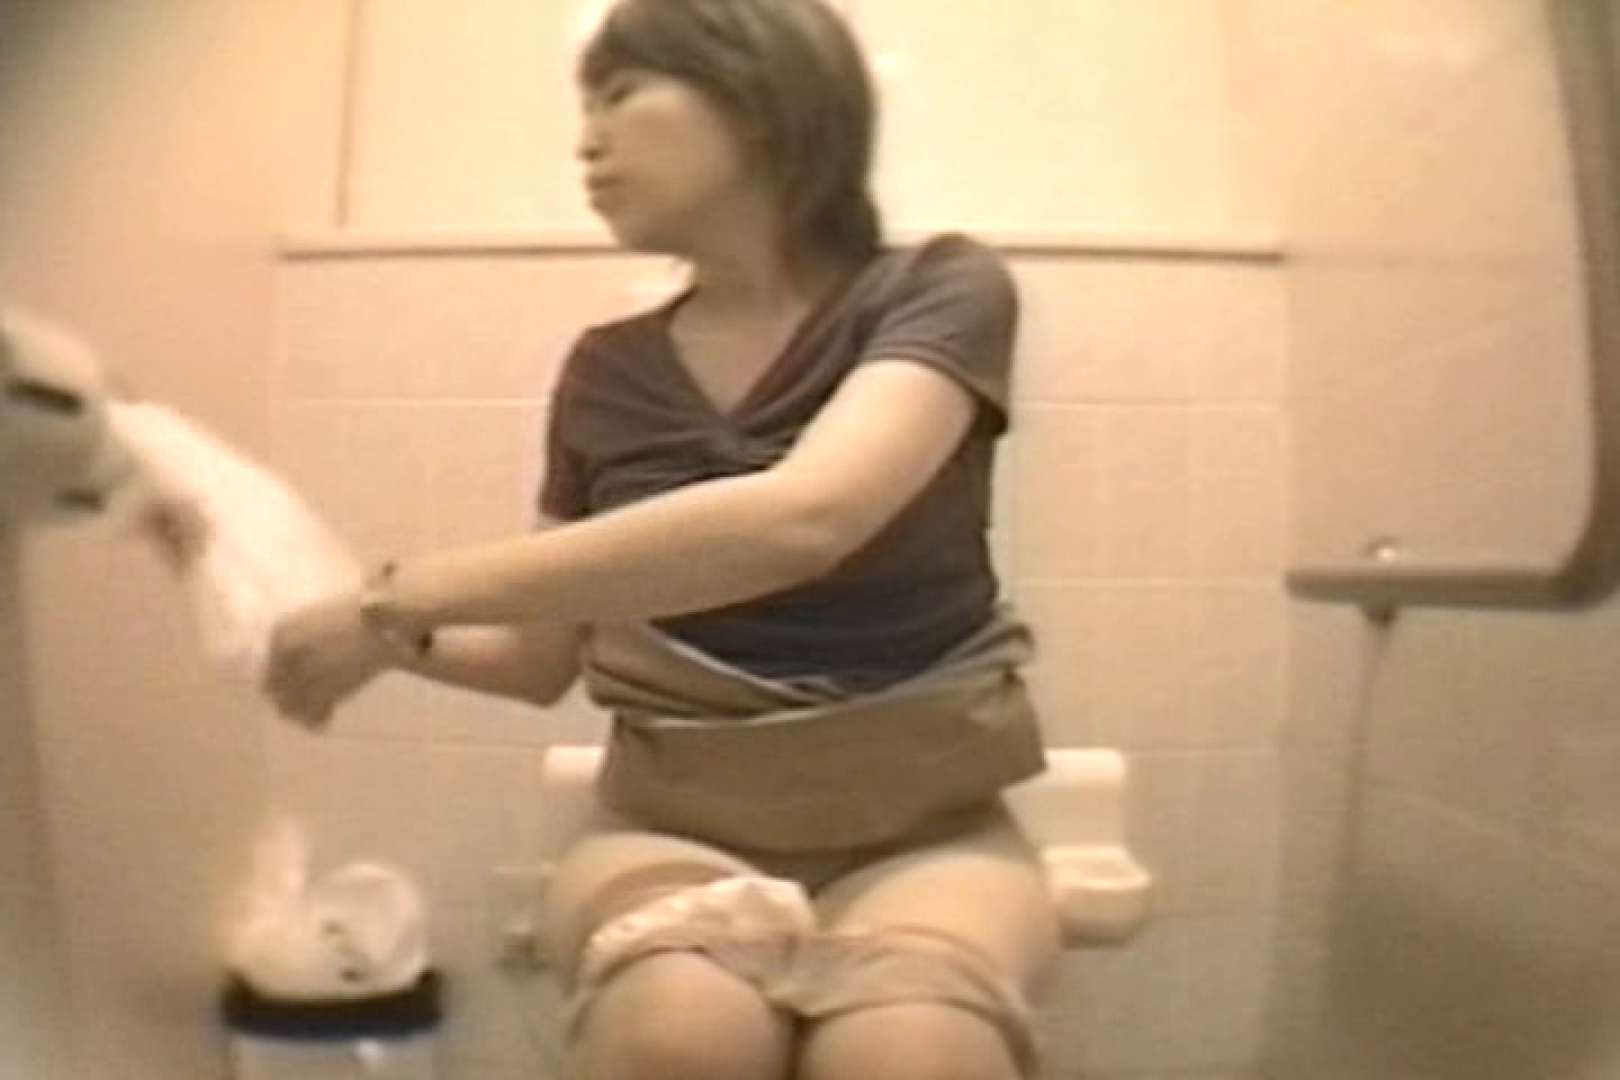 個室狂いのマニア映像Vol.4 洗面所 | 和式  52連発 13